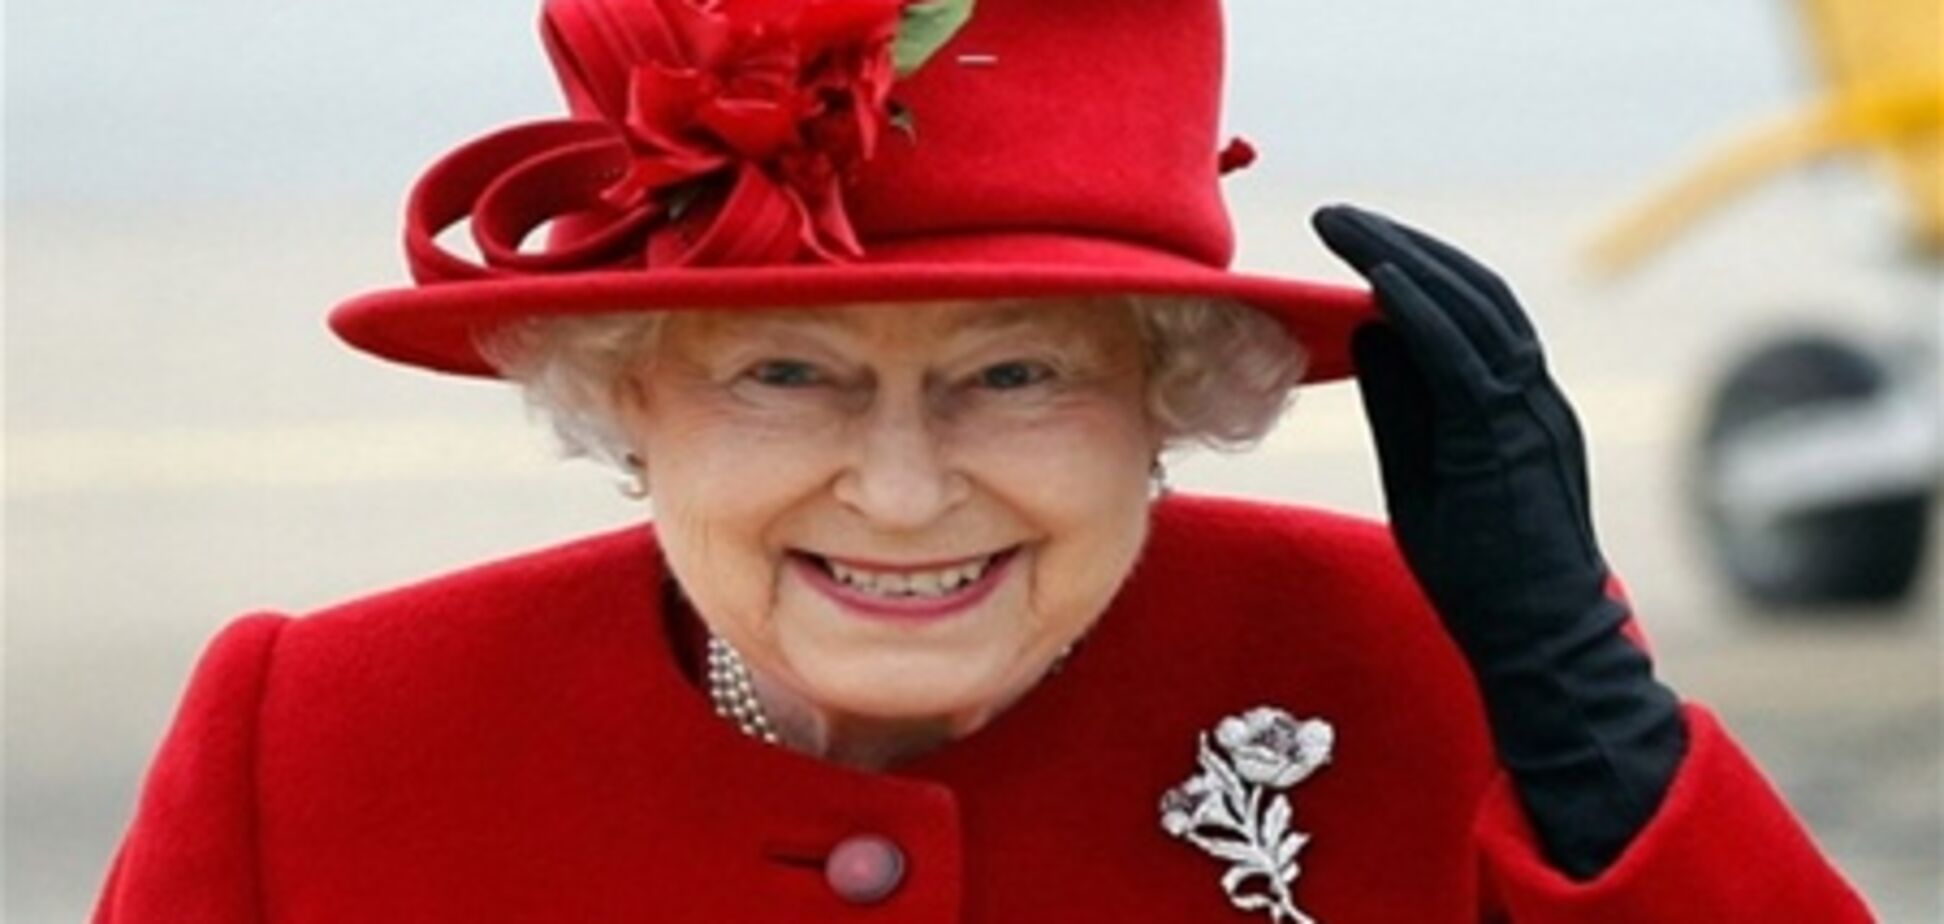 Кейт Уінслет нагородили орденом Британської імперії